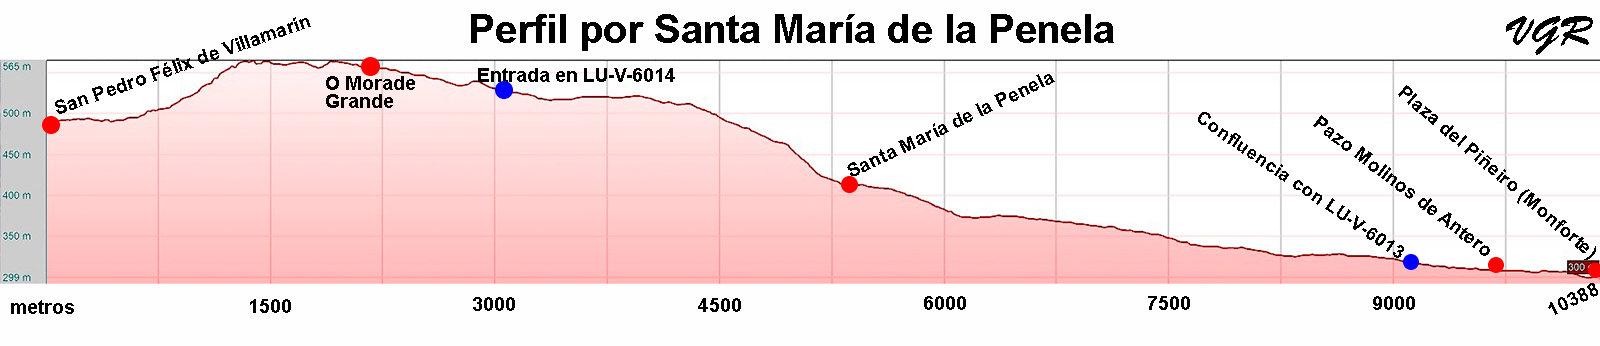 Perfil por La Penela-WEB.jpg